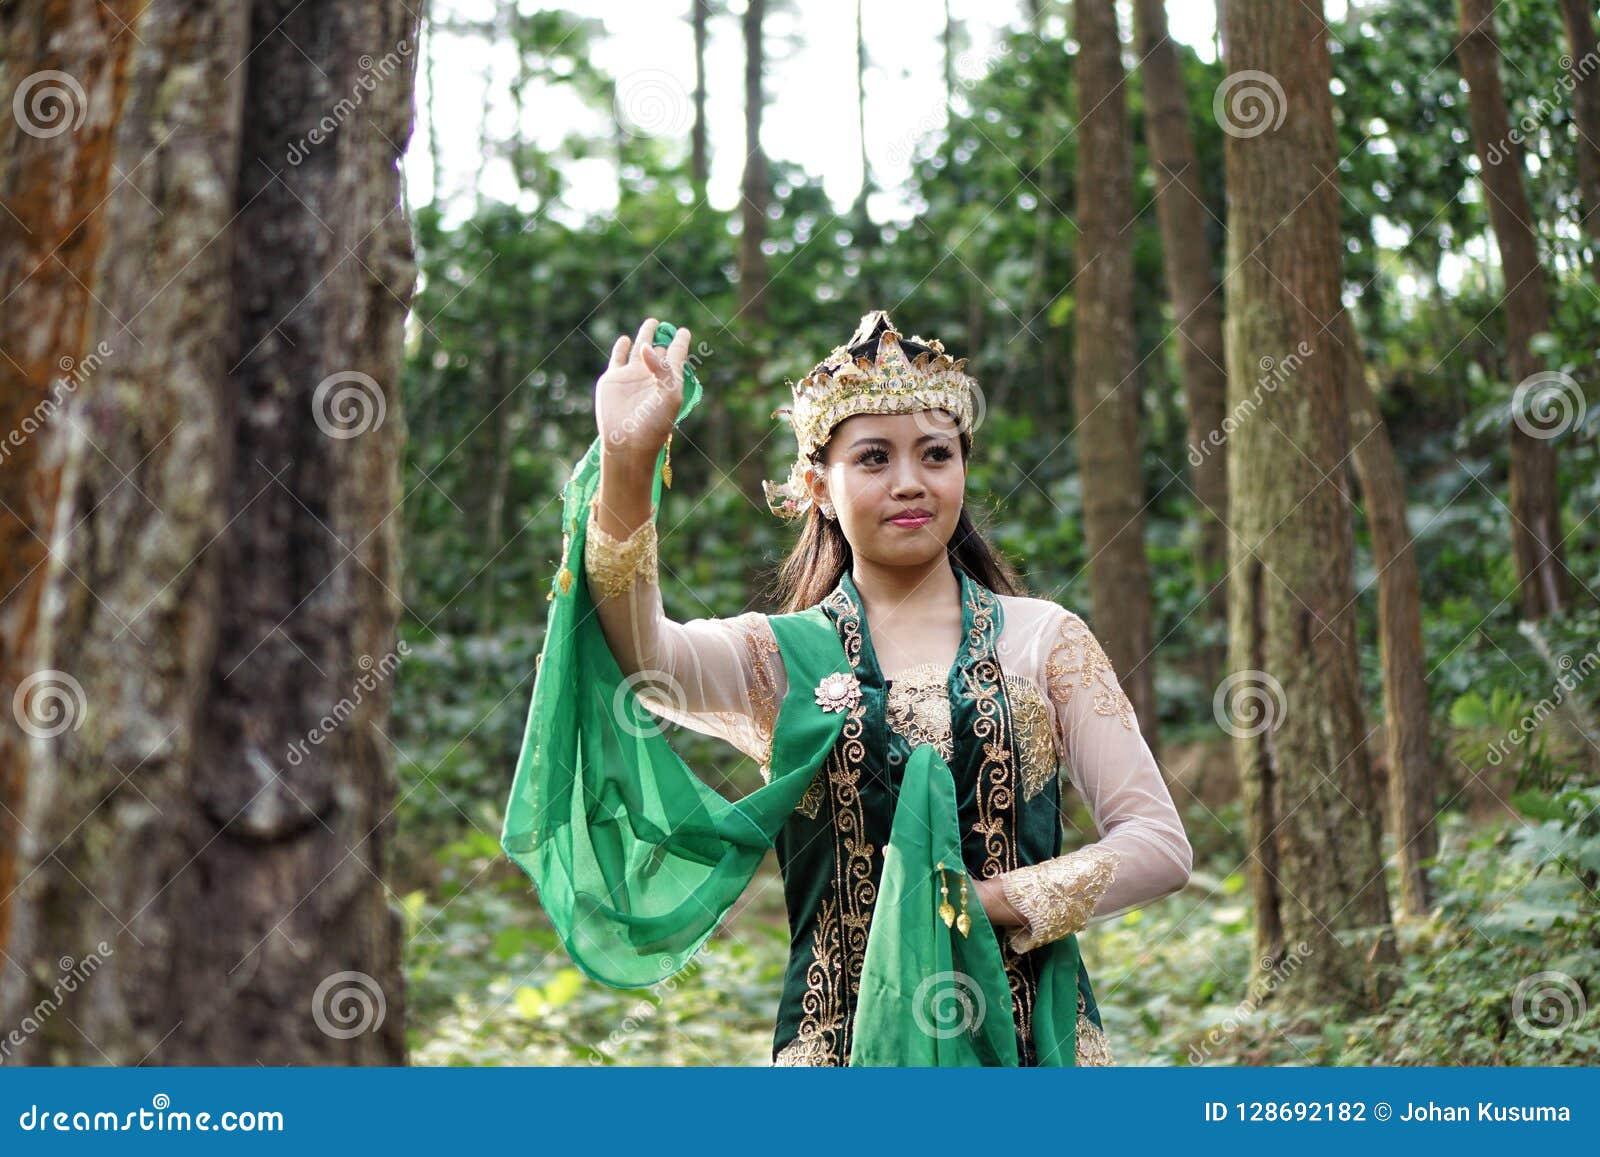 Ινδονησιακή τοποθέτηση κοριτσιών για έναν χορό lengger